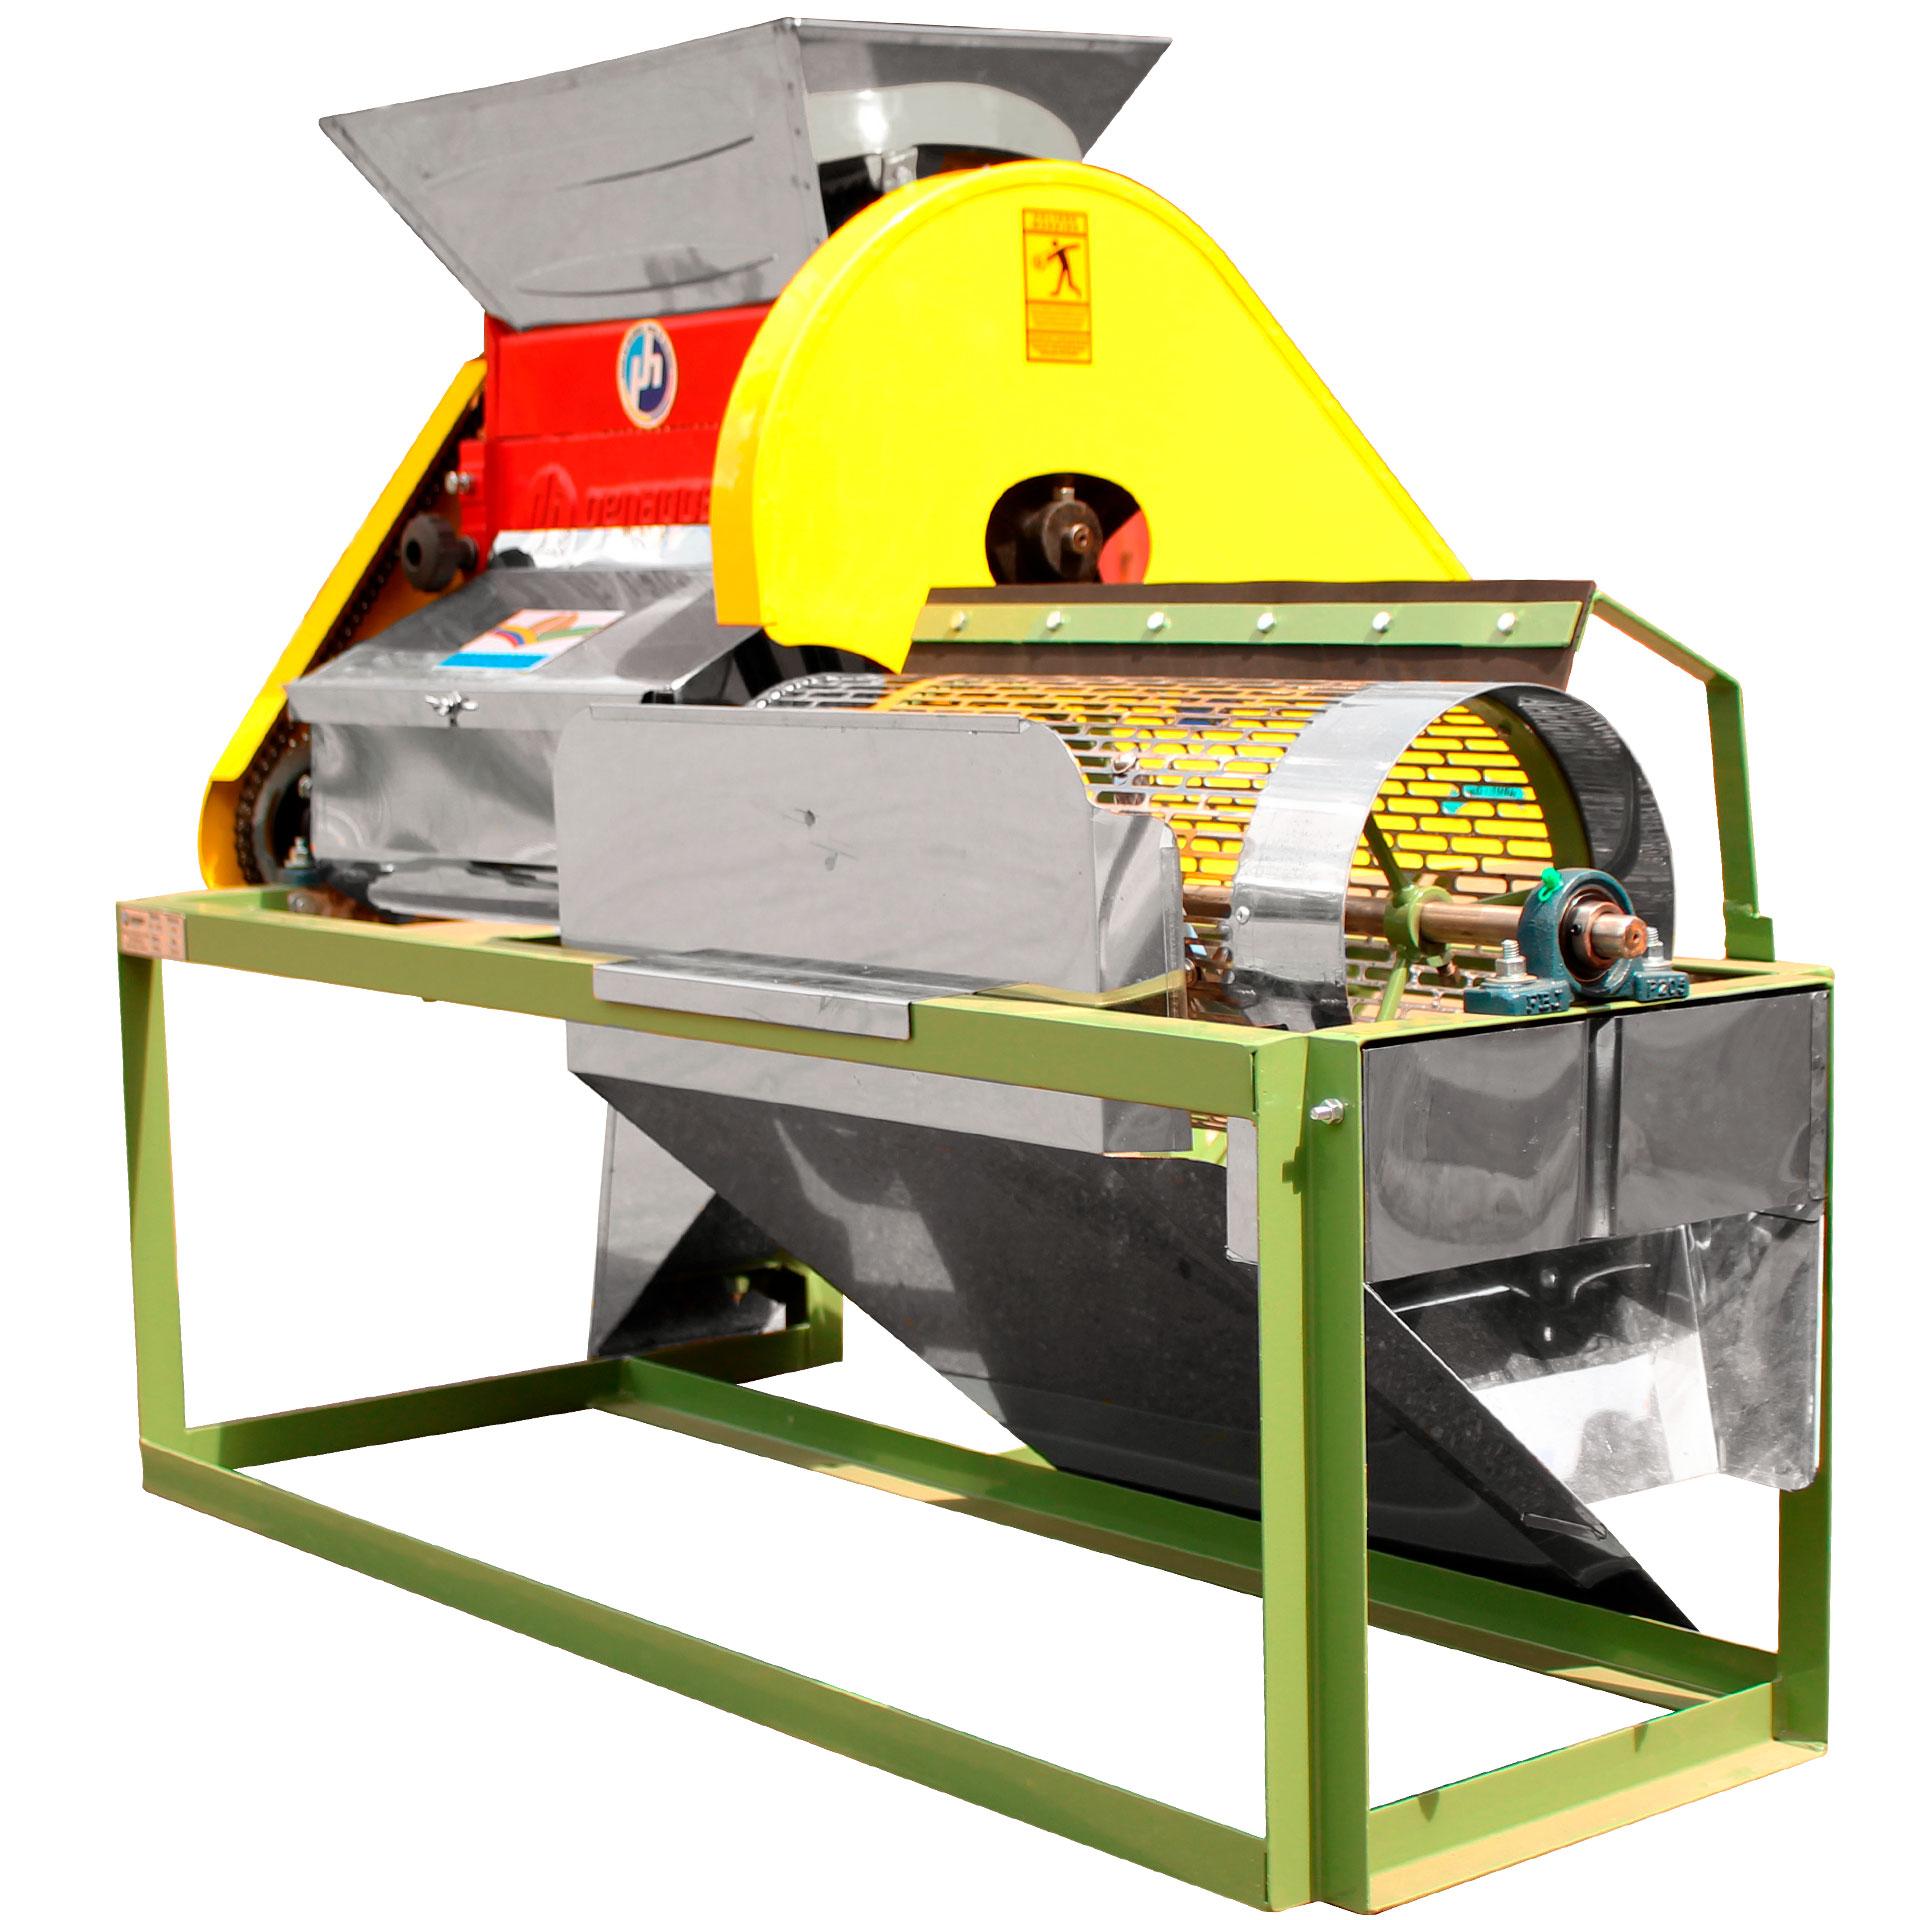 Modulo-Clasificador-Mc-3-1/2-Maquinaria-Agrícola